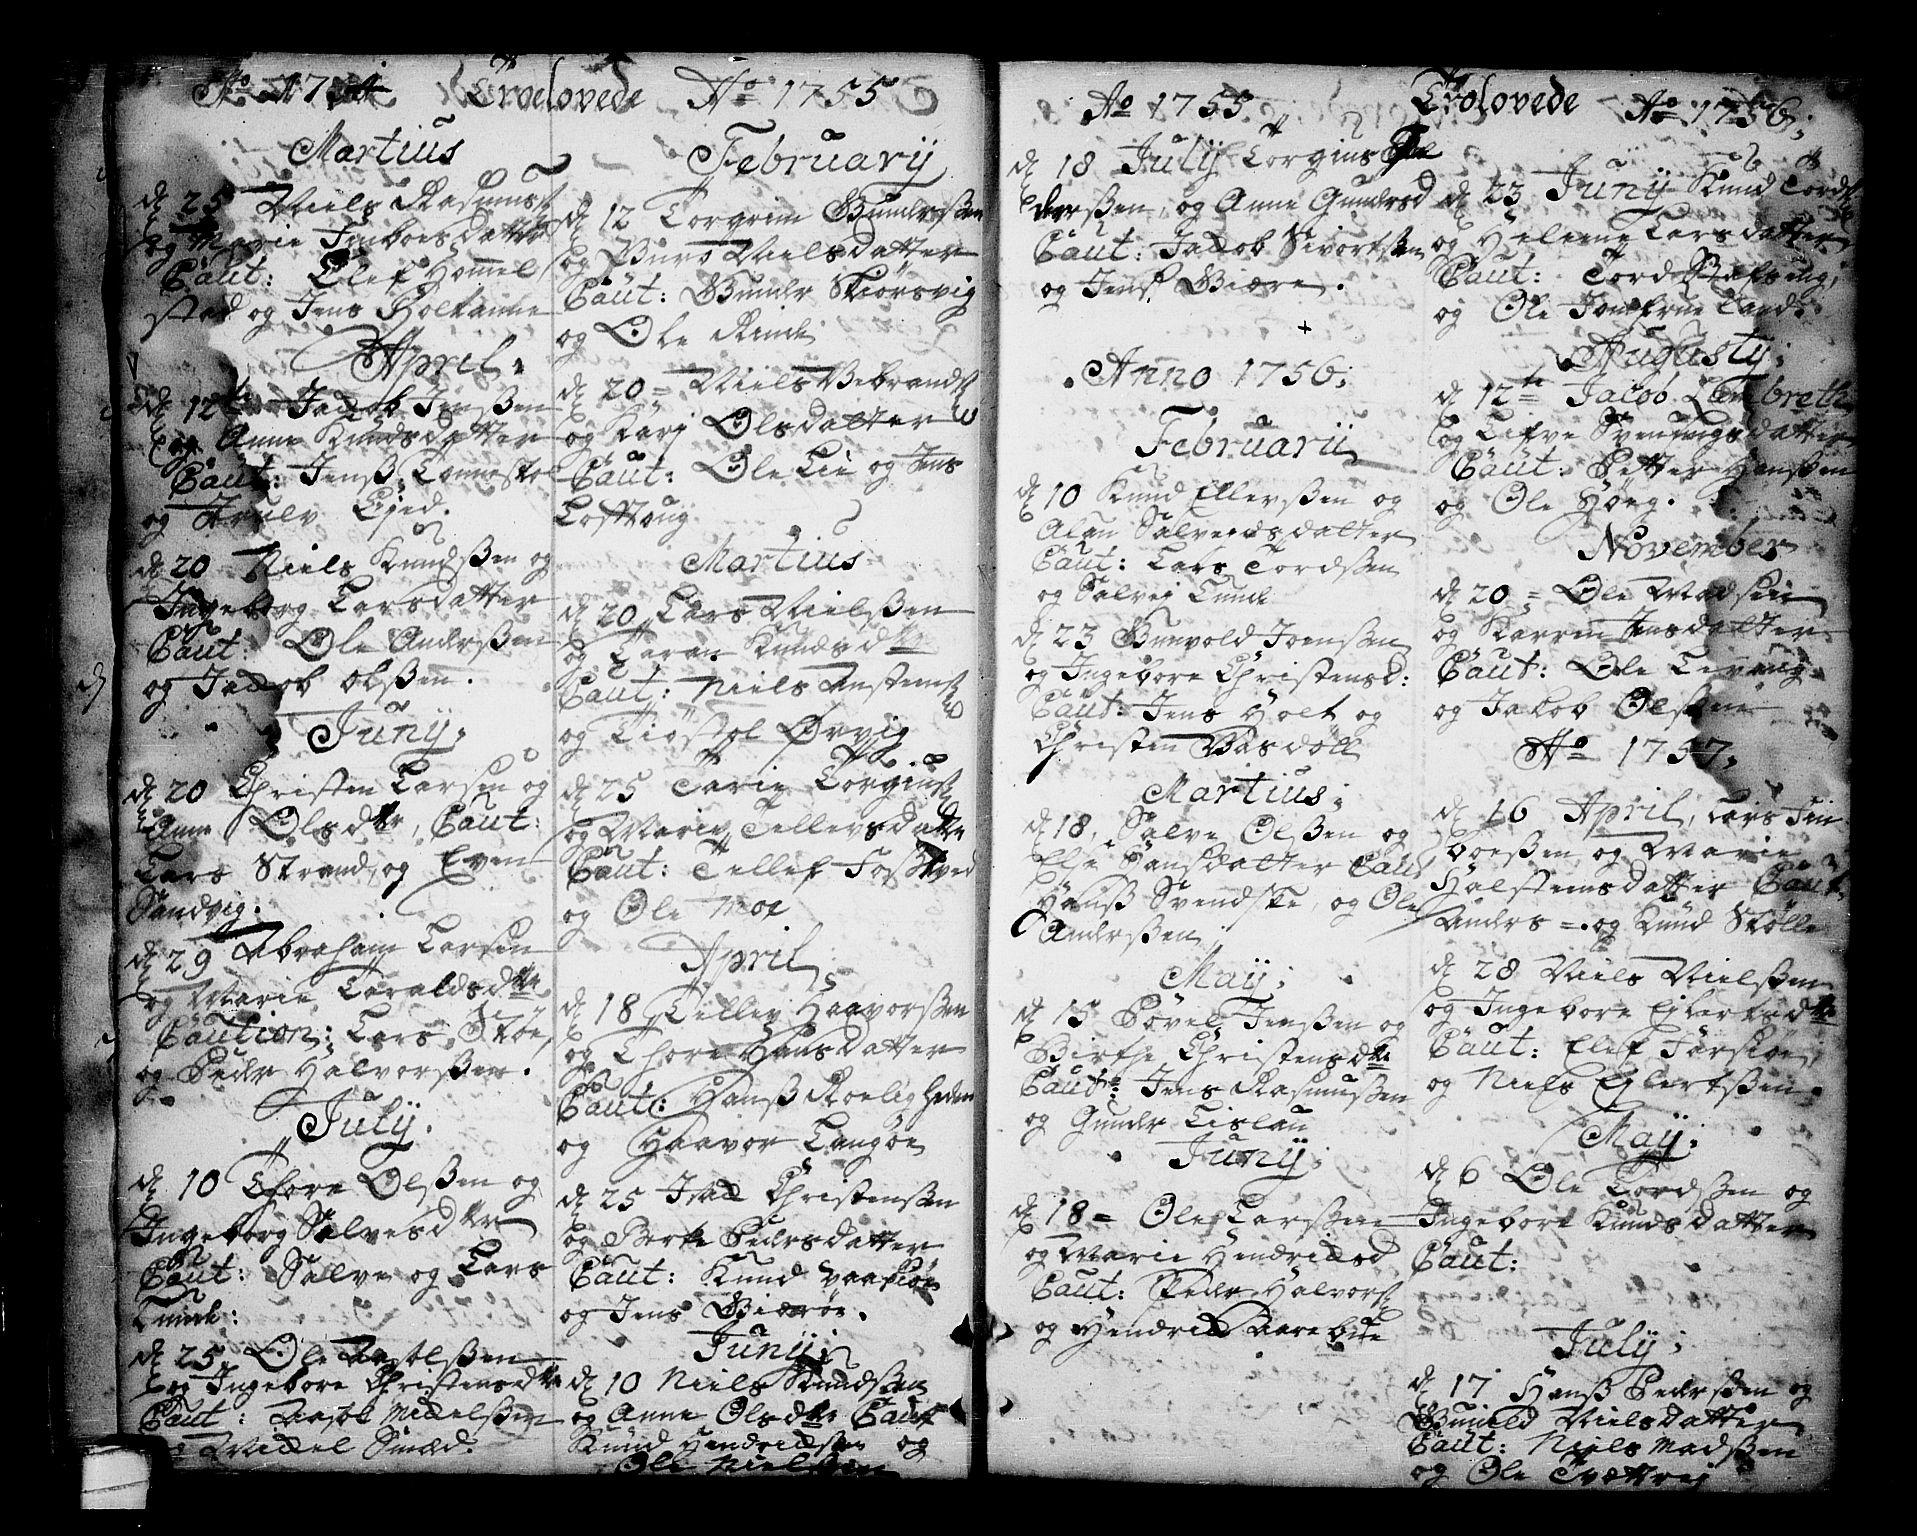 SAKO, Sannidal kirkebøker, F/Fa/L0001: Ministerialbok nr. 1, 1702-1766, s. 24-25